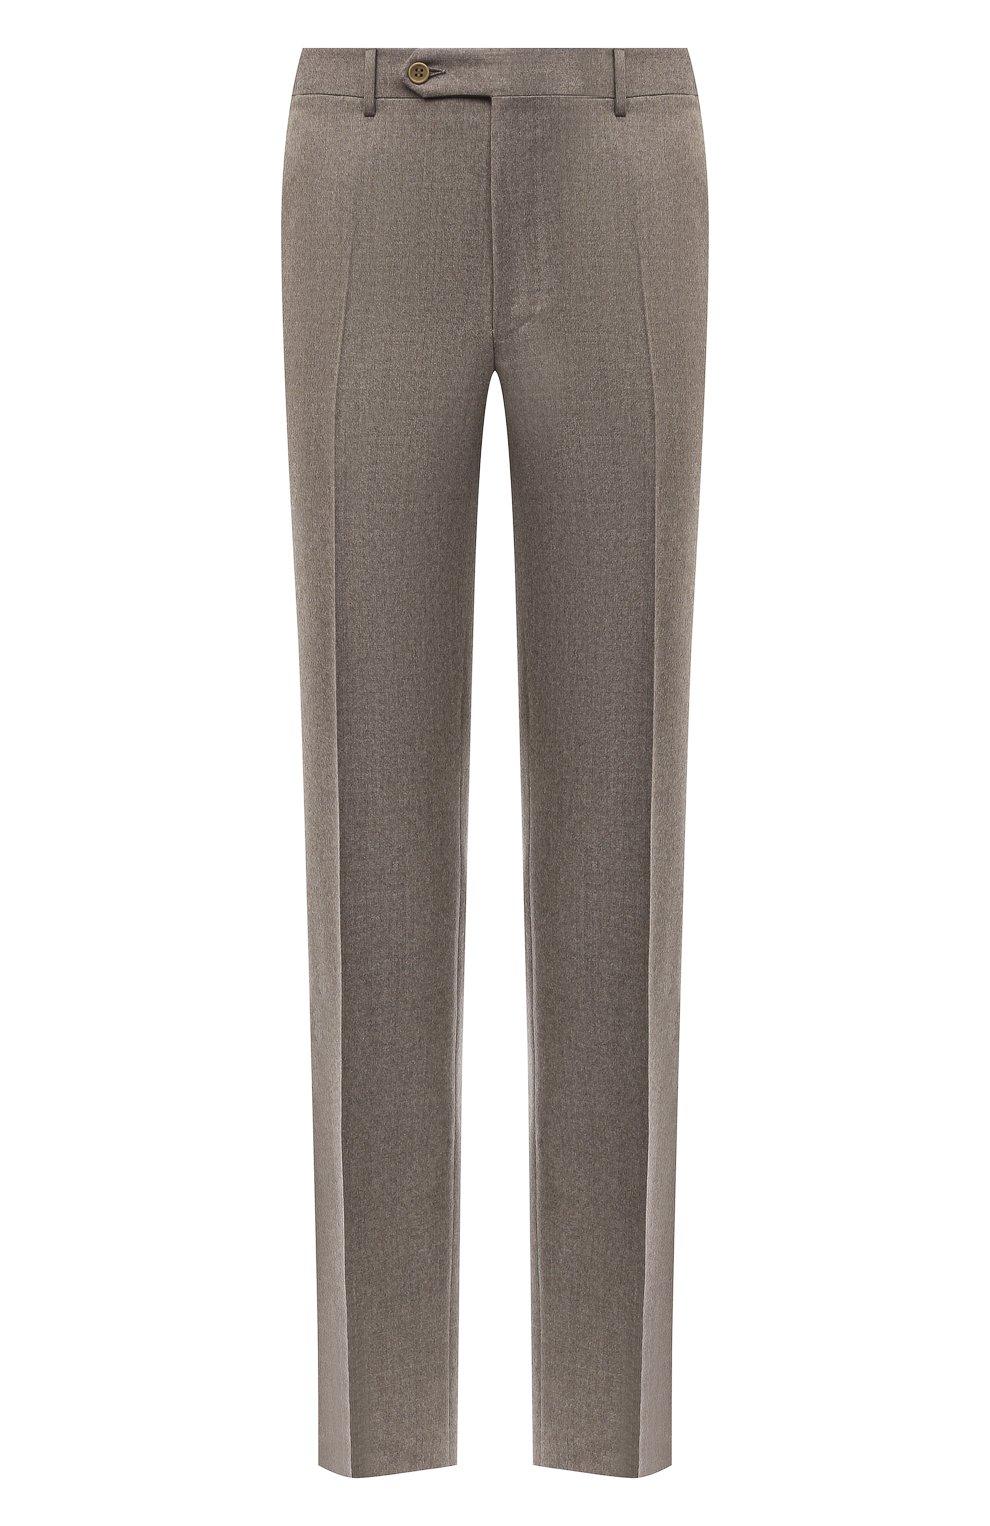 Мужские шерстяные брюки CANALI темно-бежевого цвета, арт. 71012/AN00019   Фото 1 (Материал внешний: Шерсть; Длина (брюки, джинсы): Стандартные; Случай: Повседневный; Стили: Классический; Материал подклада: Вискоза)